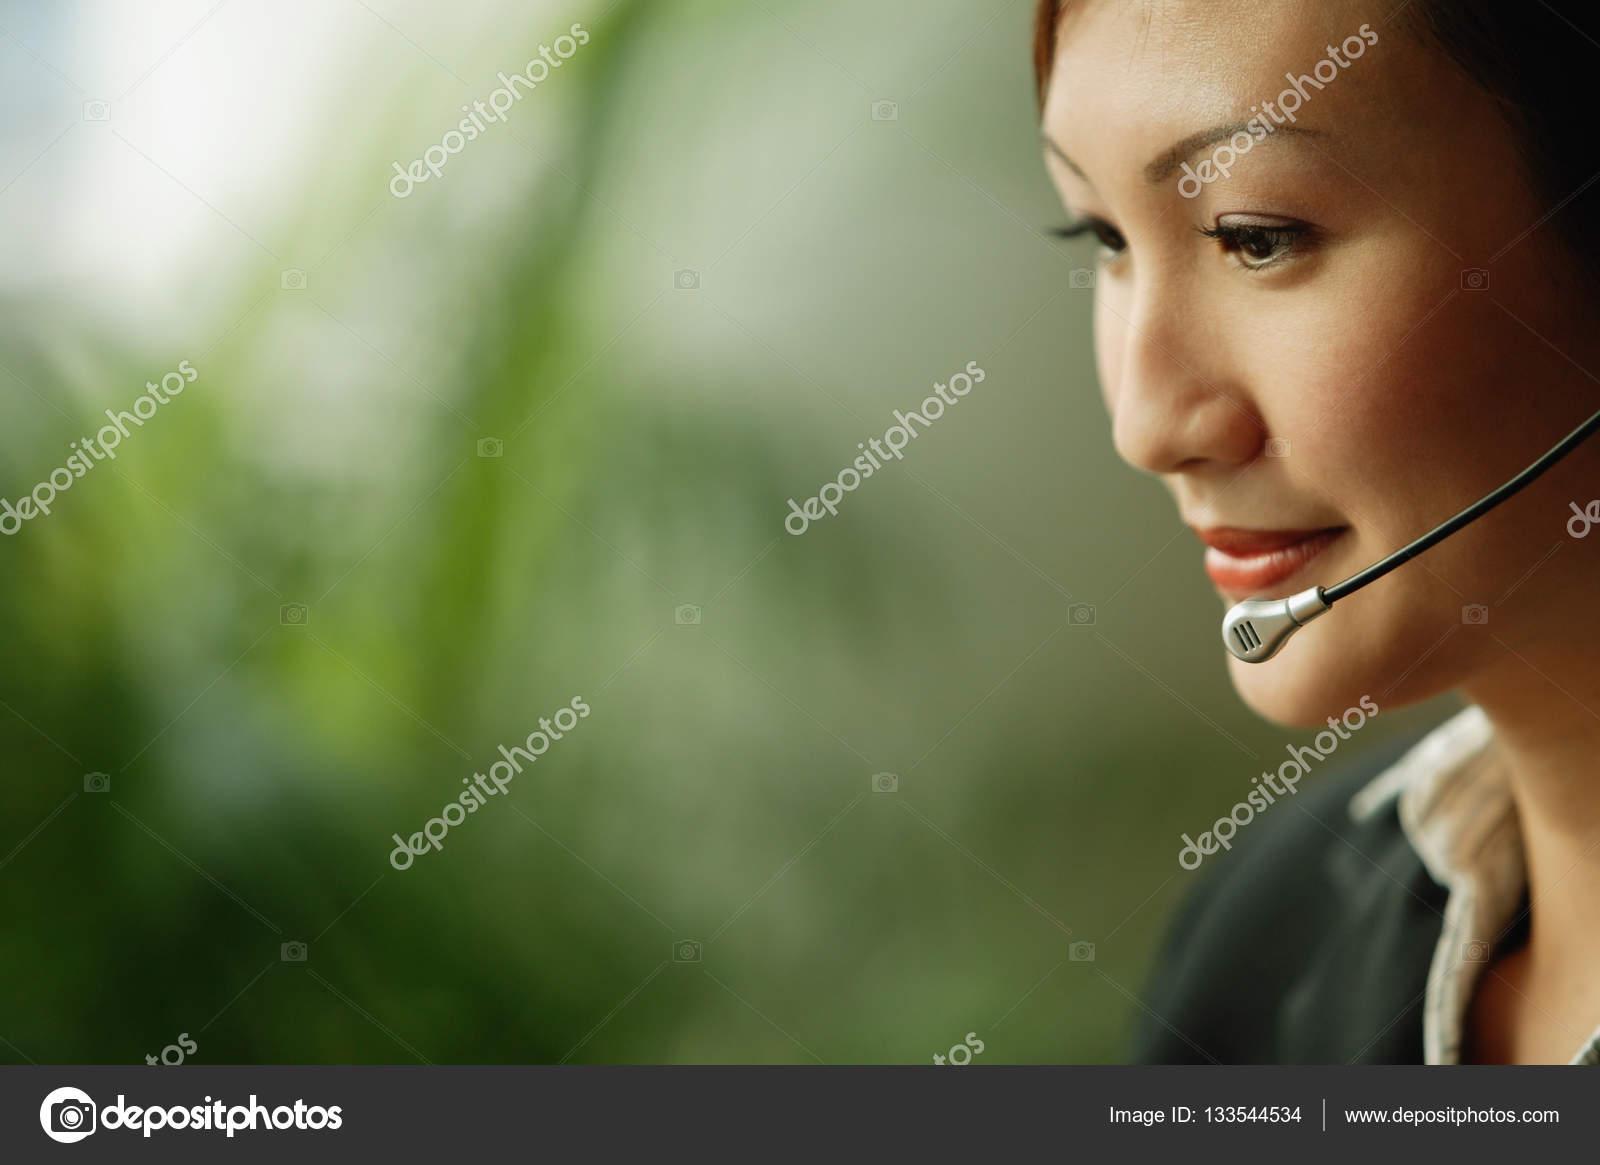 5d63cba0a40 Auricular desgastando do negócio mulher– imagens de bancos de imagens